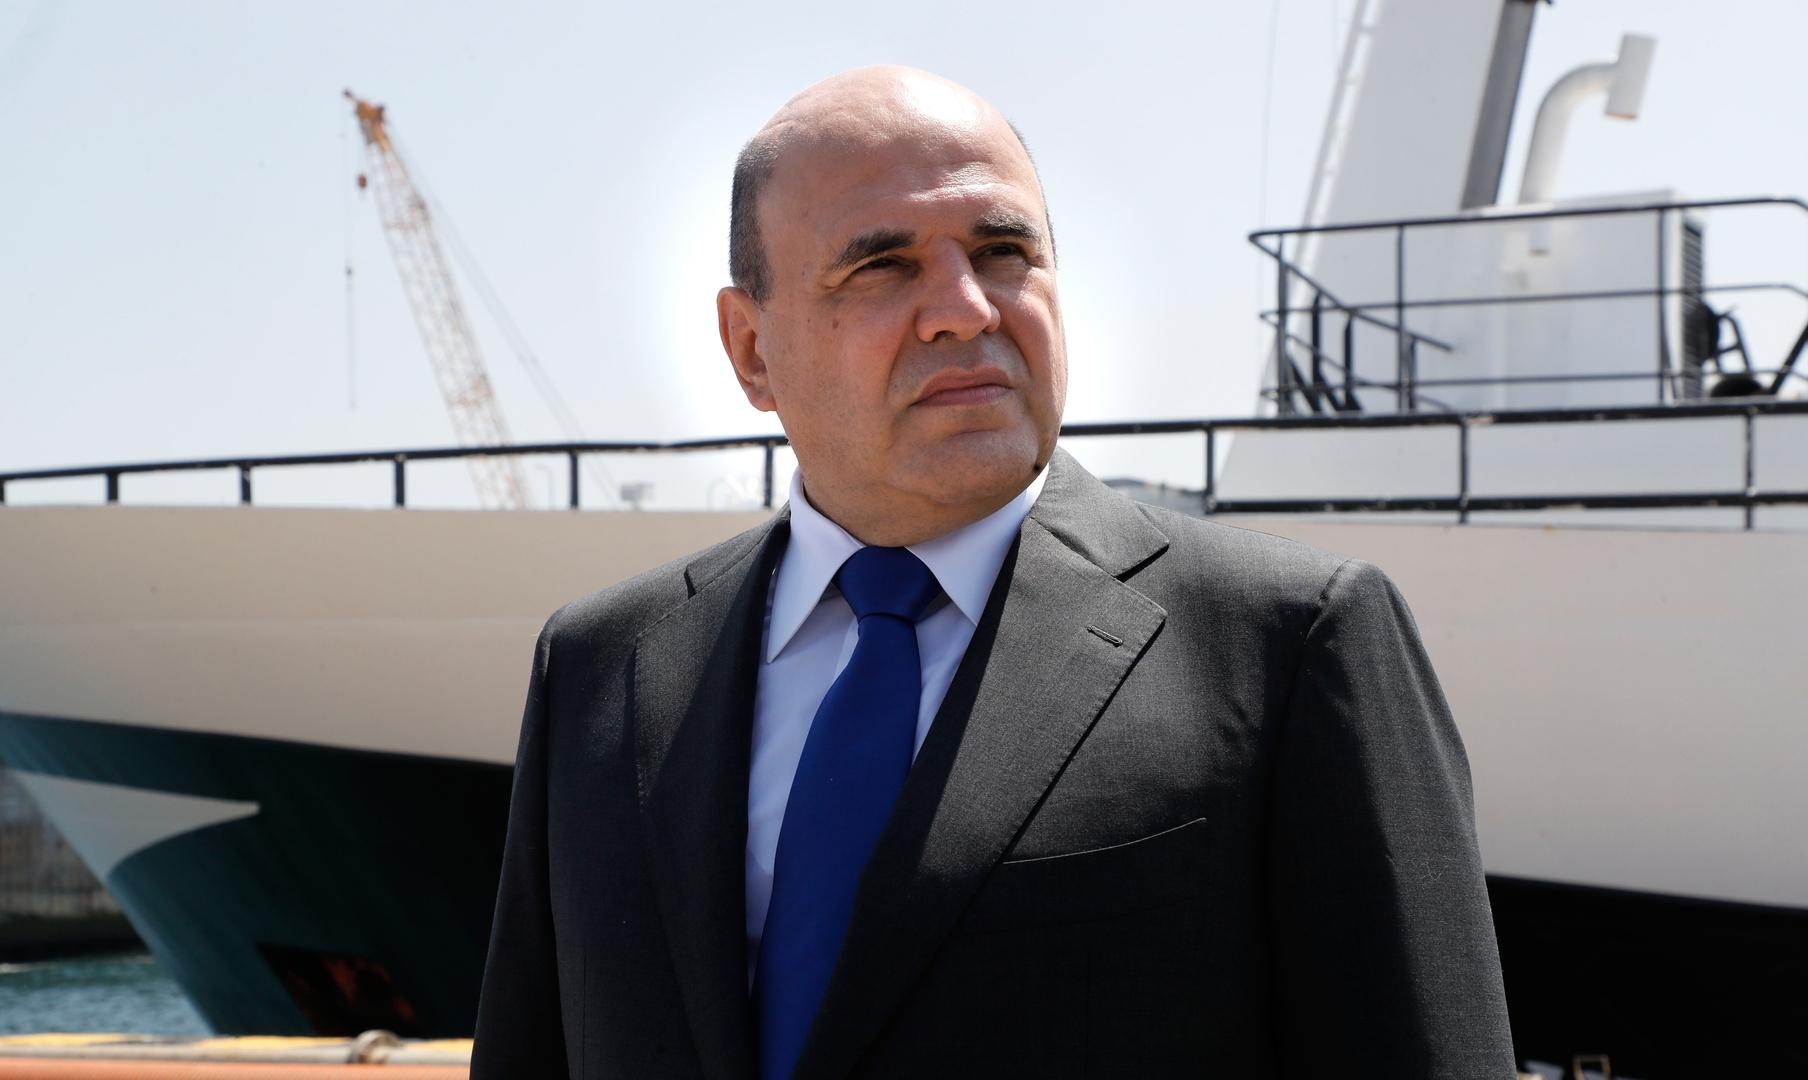 السفير الروسي بطوكيو: احتجاج اليابان على زيارة رئيس وزراء روسيا إلى جزر الكوريل غير مقبول